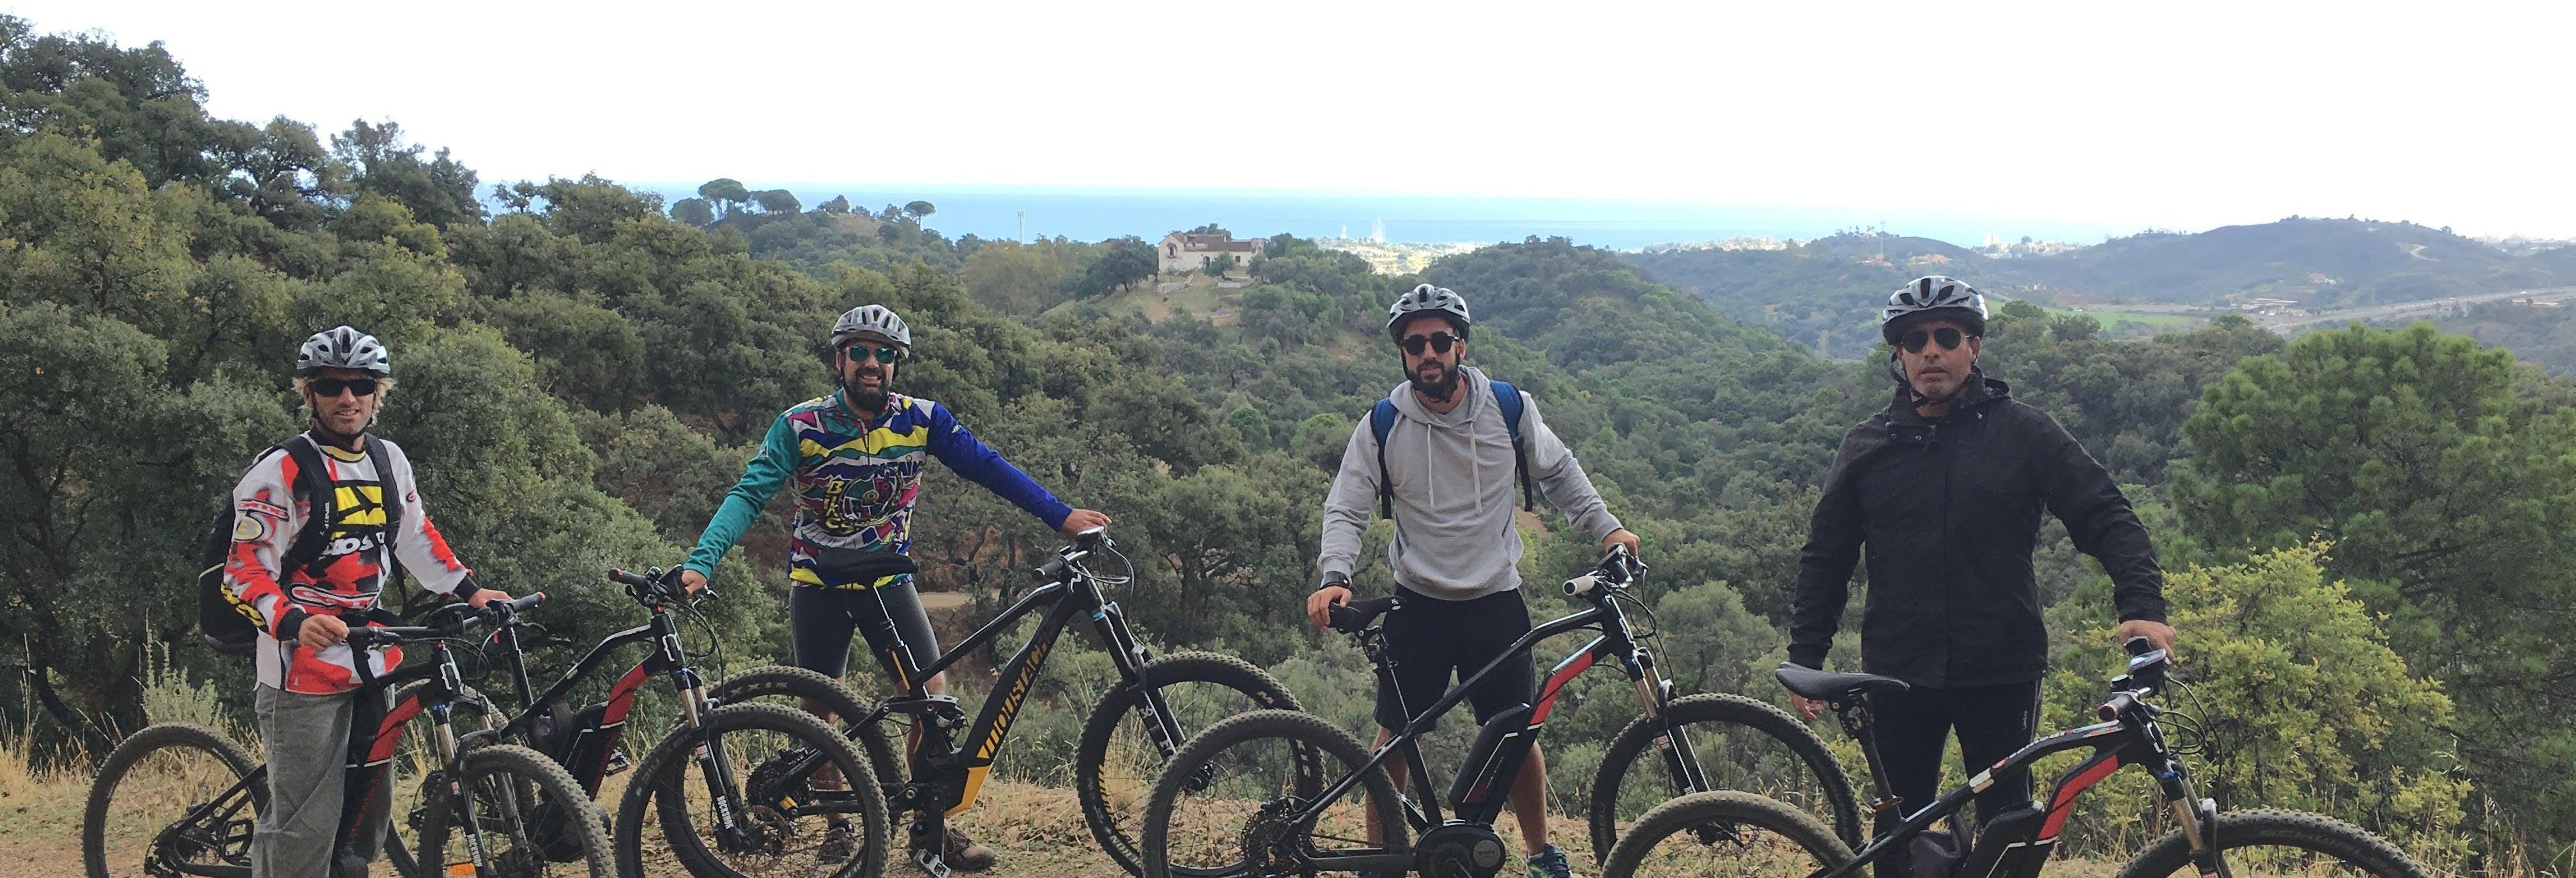 Tour en bicicleta eléctrica por el Parque de la Concepción